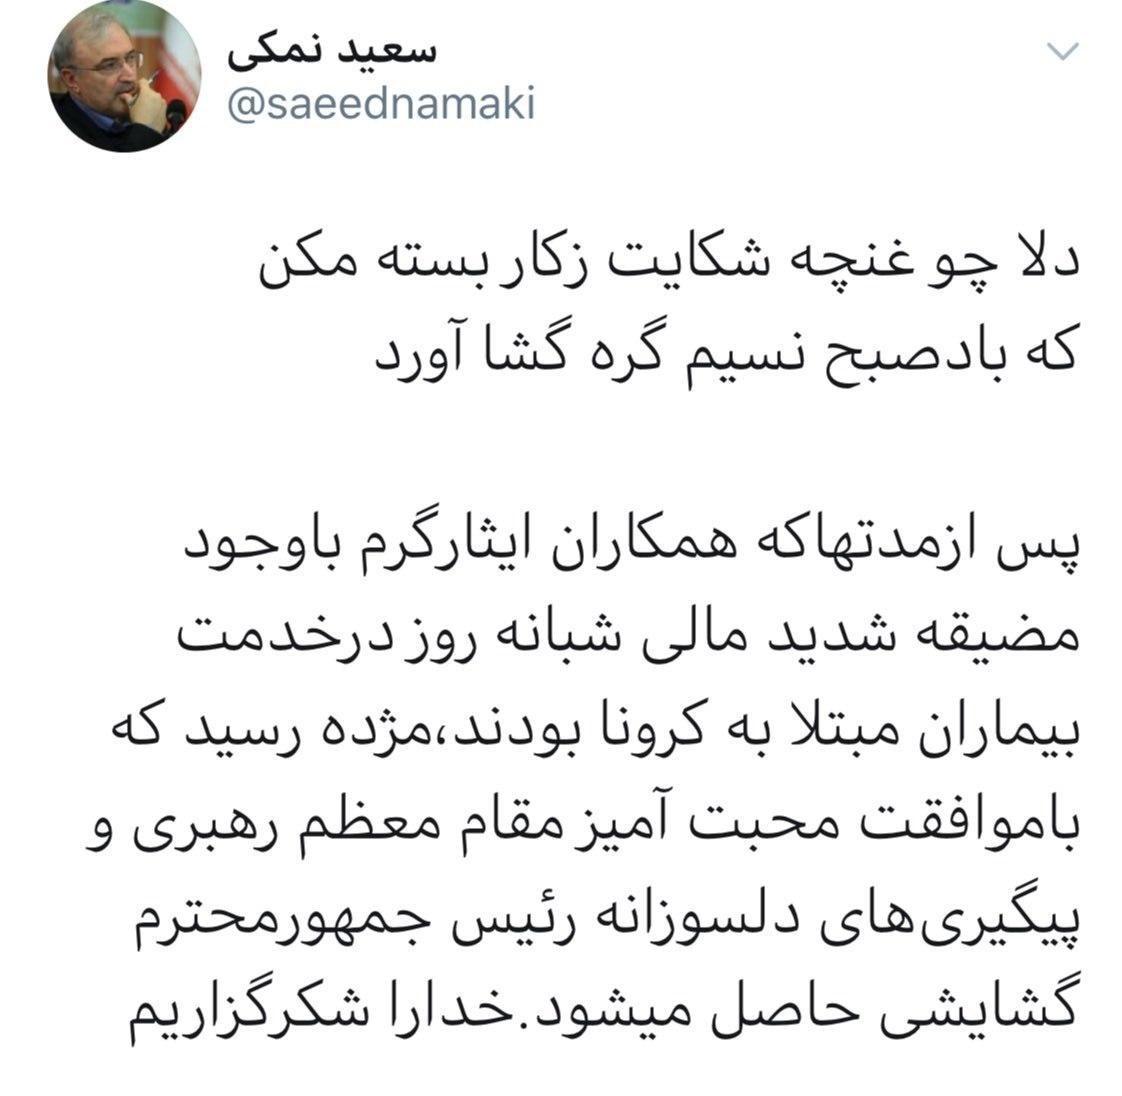 امام خامنهای , وزارت بهداشت , سعید نمکی , ویروس کرونا ,